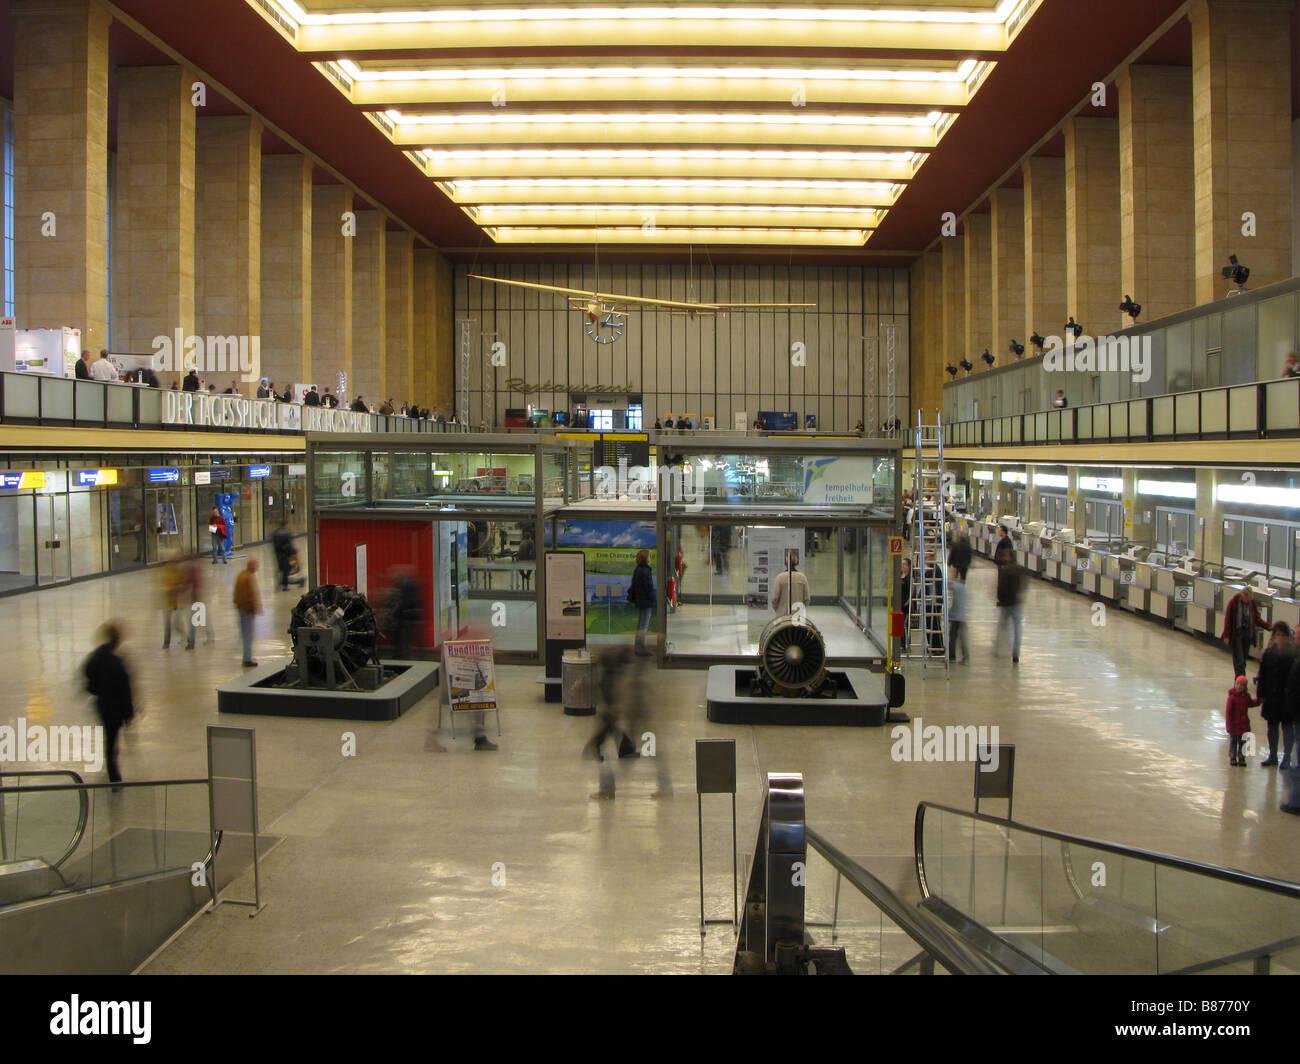 Berlin Flughafen Tempelhof - Stock Image